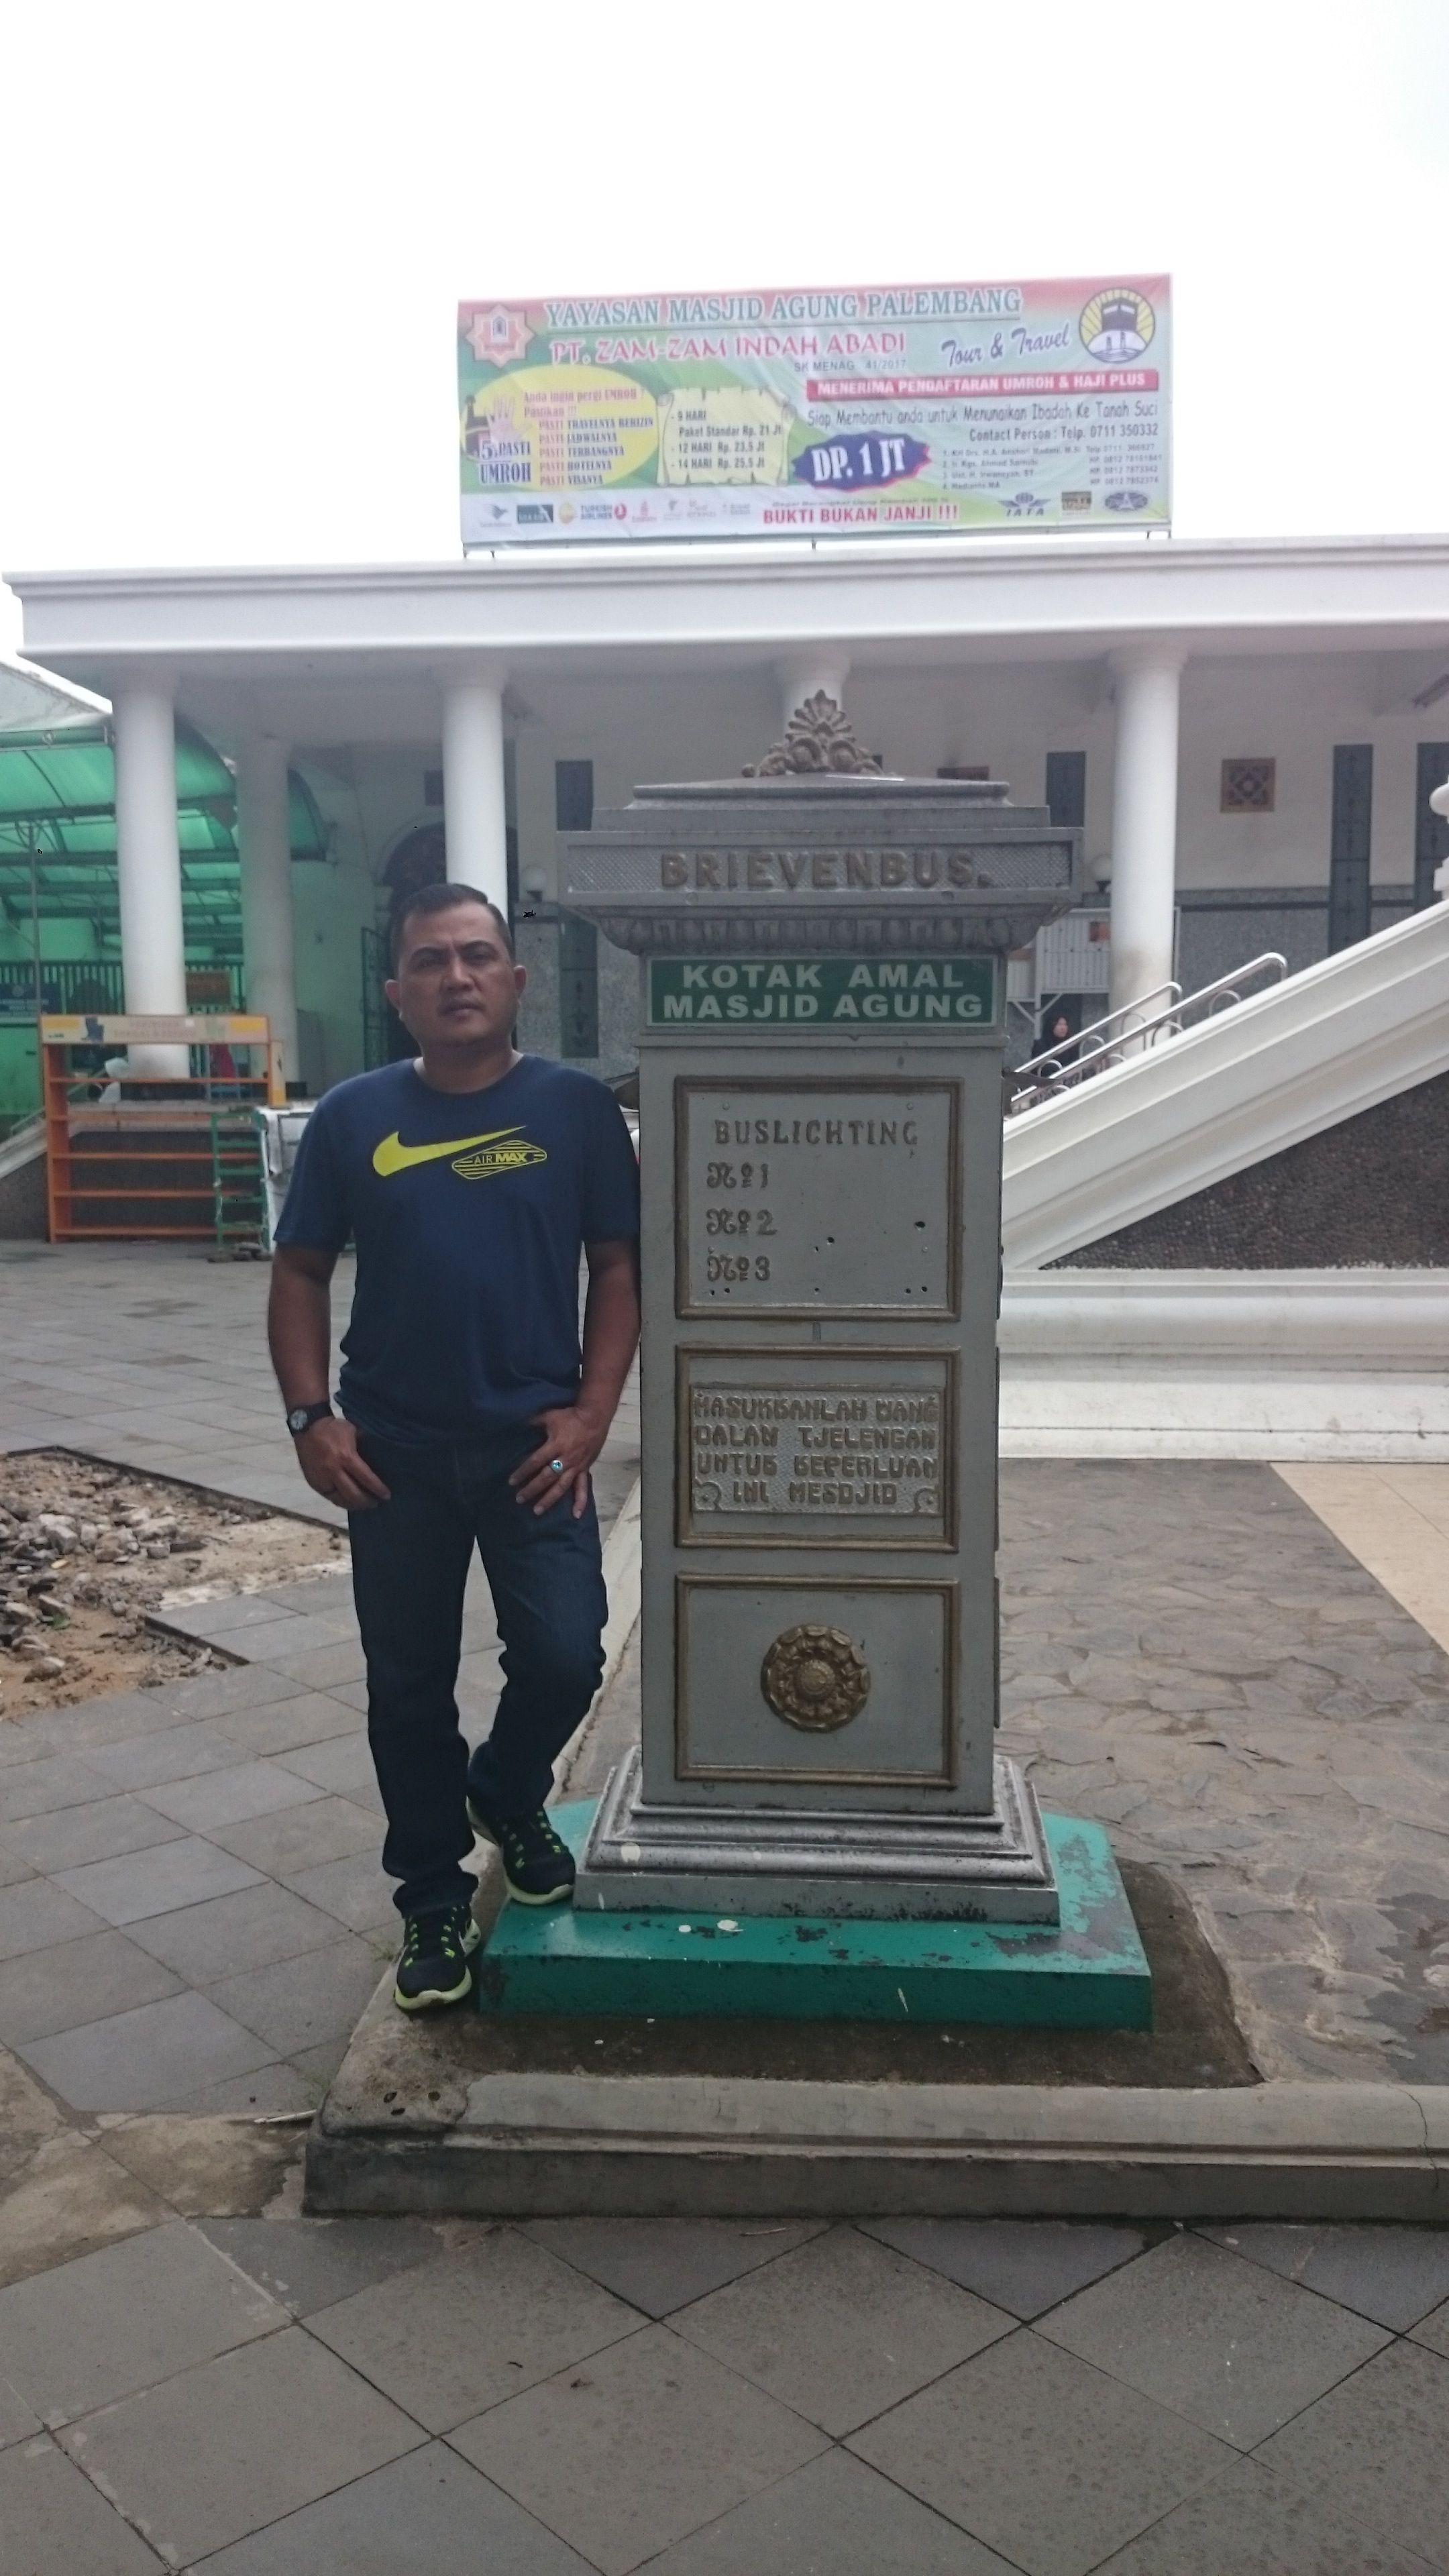 Mesjid Agung Palembang Sejarahnya Steemit Masjid Dibangun 1738 Oleh Sultan